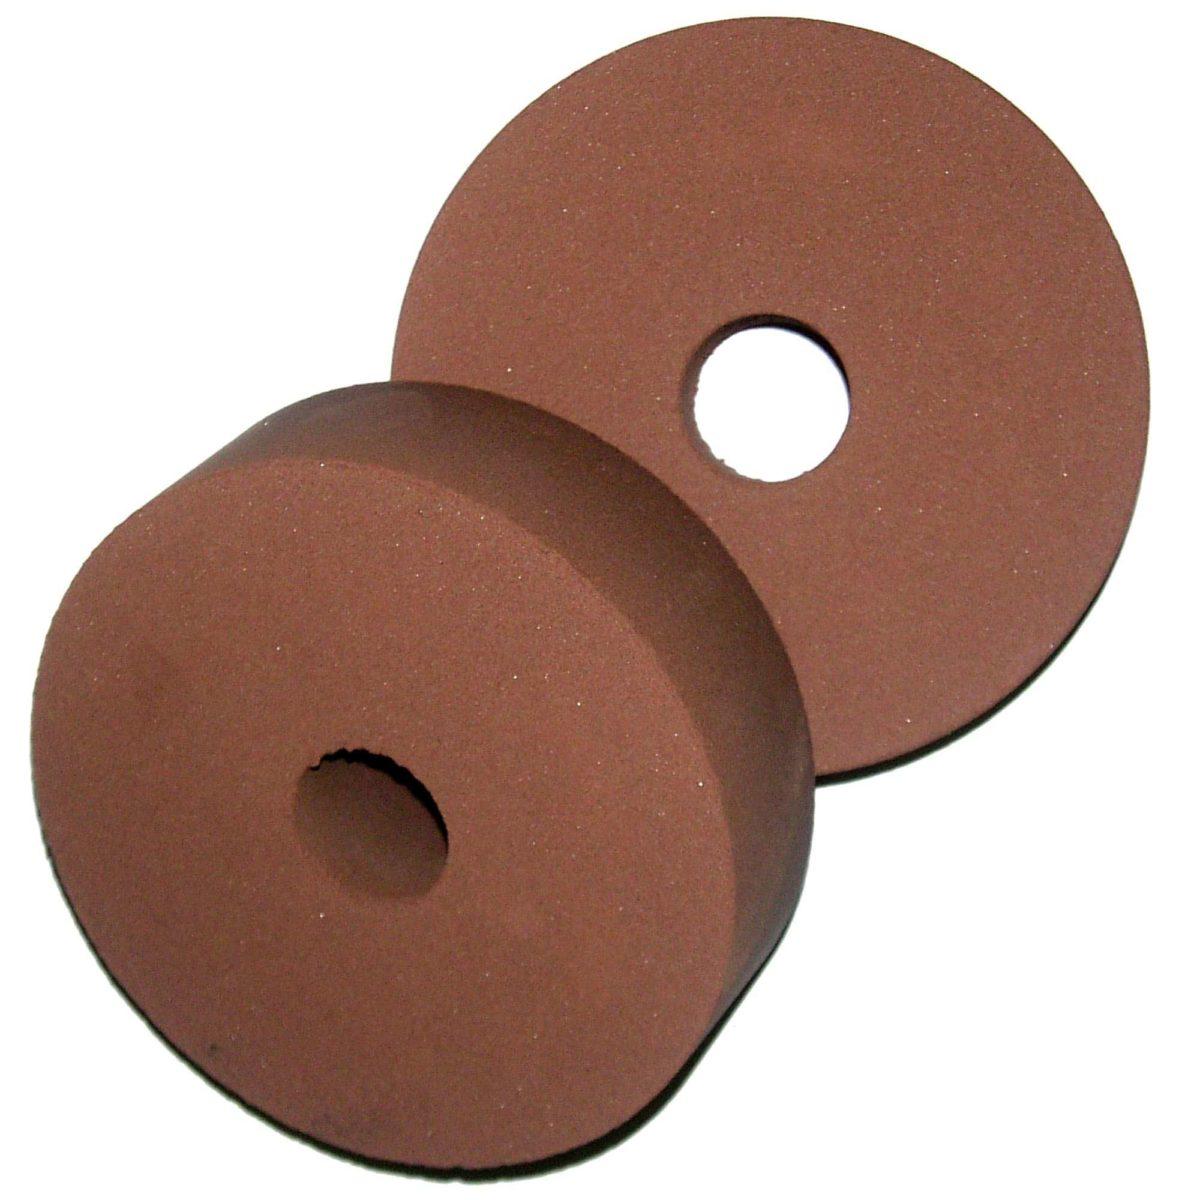 Muela Periferica Ceramica 100x40x22mm. Mod. Top